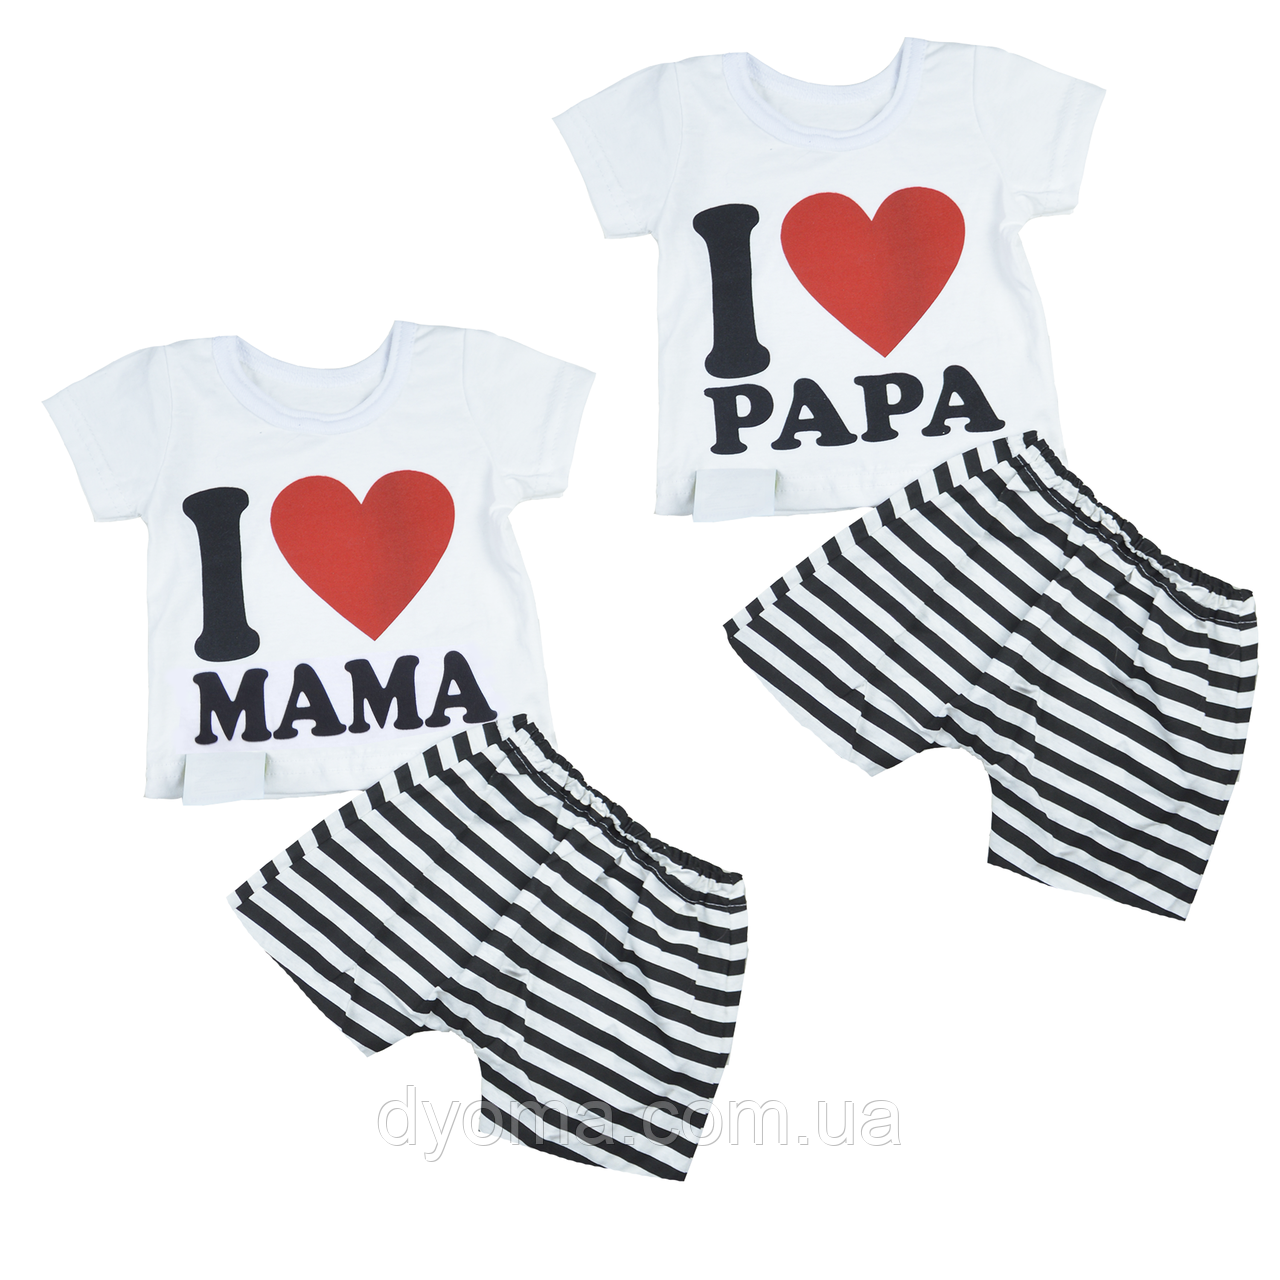 """Детский летний костюм """"Я люблю Маму и Папу"""" для девочек"""